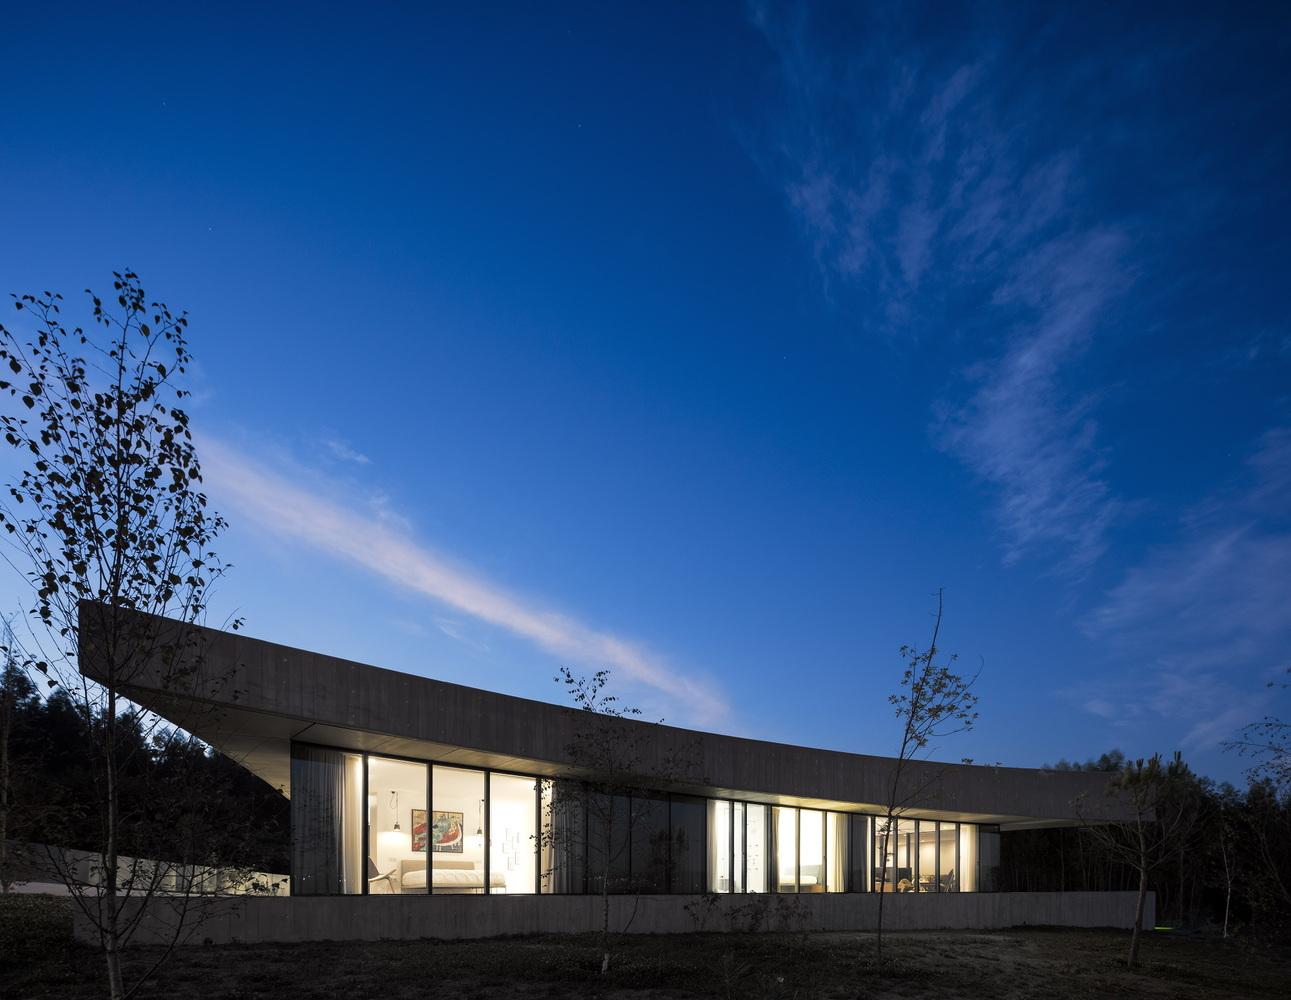 Номинация «Частные дома»  Объект: Casa Cabo de Vila  Расположение: Битарайнш, Португалия  Архитектурное бюро: spaceworkers